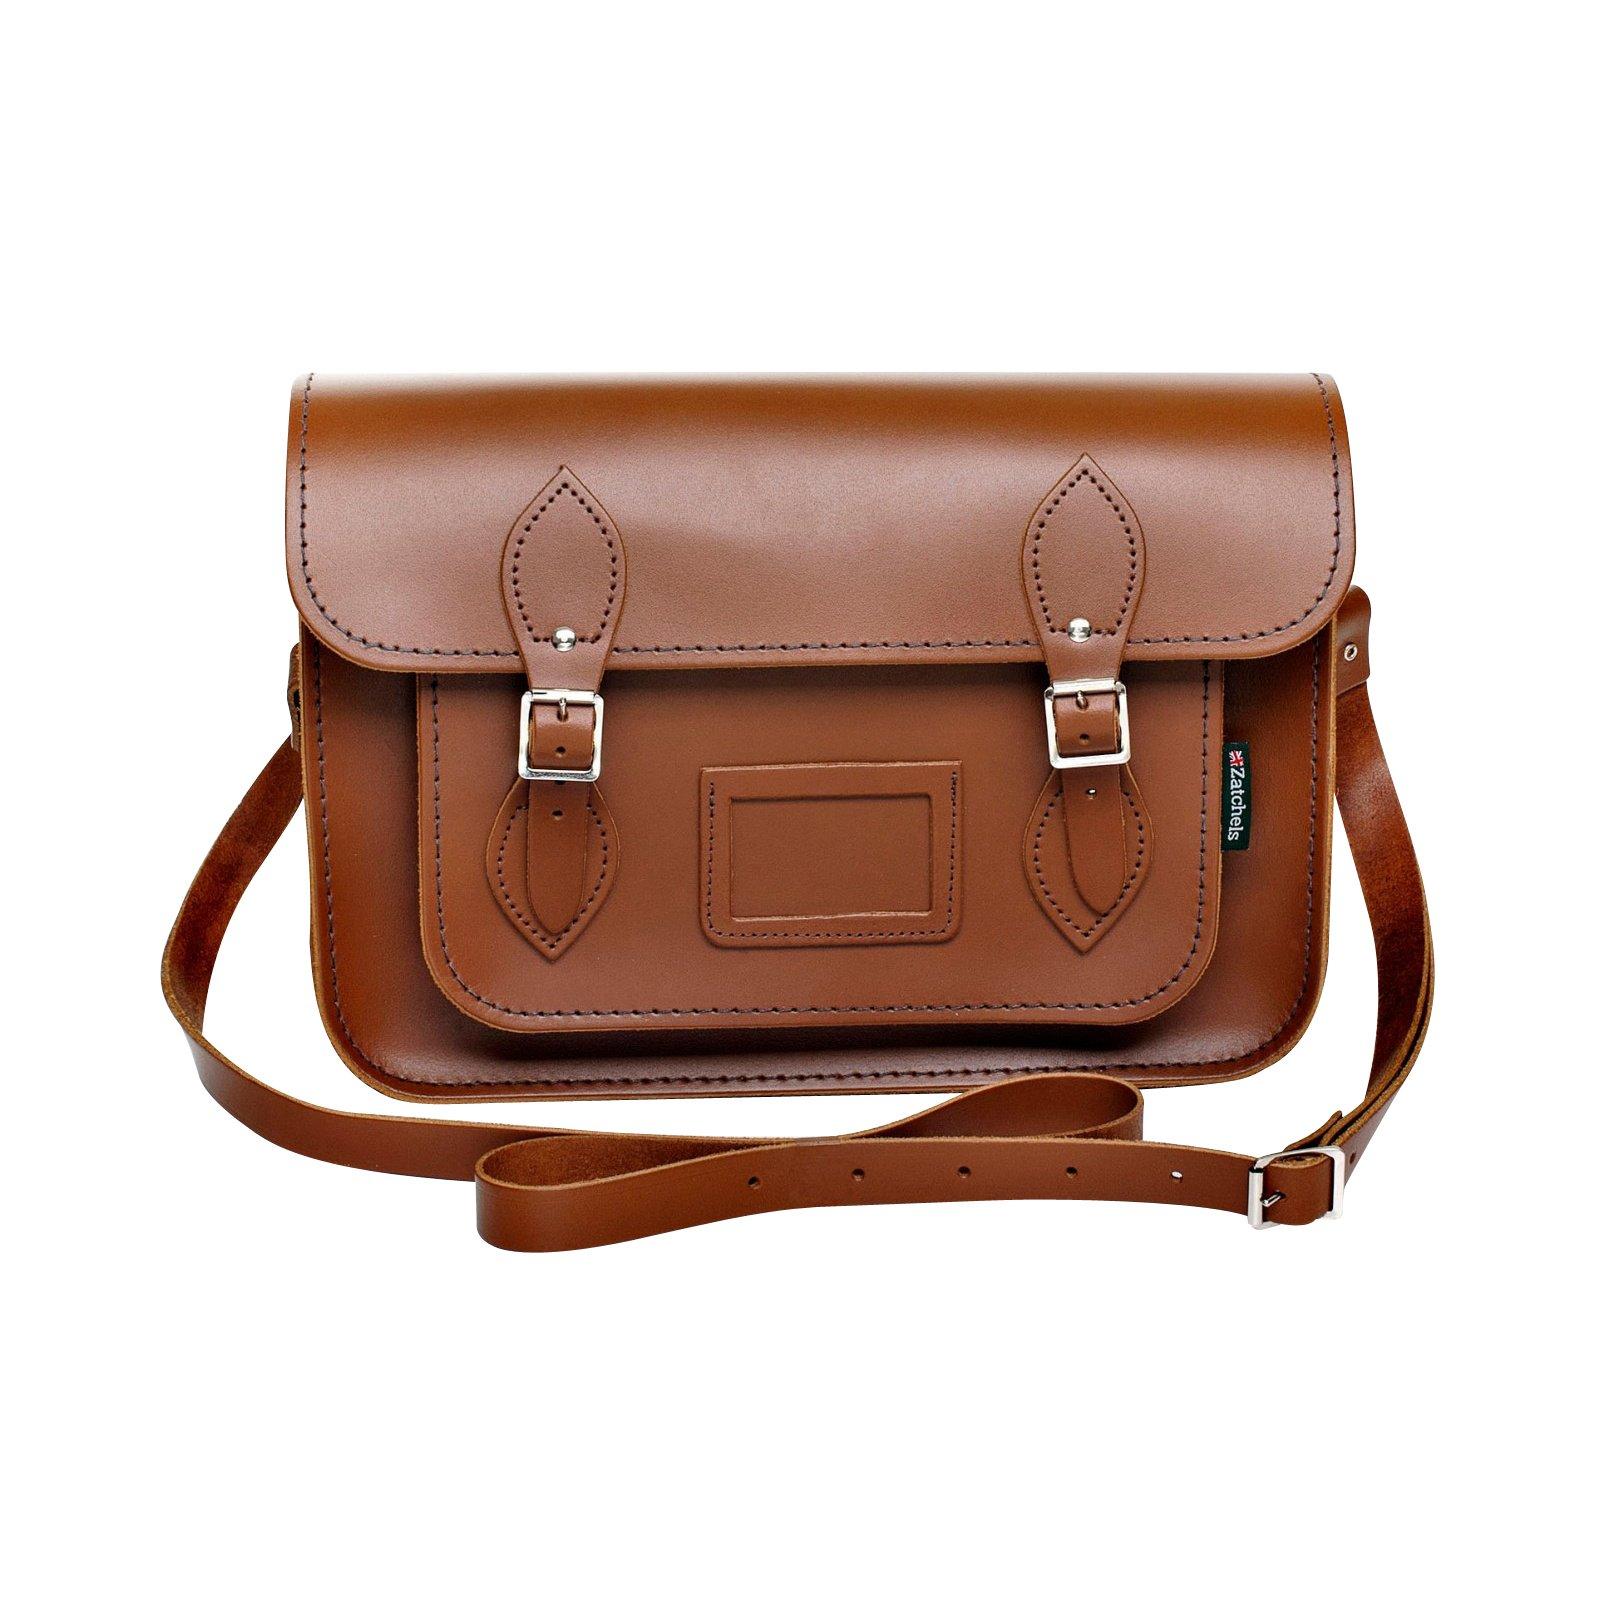 Zatchels Womens/Ladies Handcrafted Leather Satchel Bag (British Made) (17.5in) (Chestnut) by Zatchels